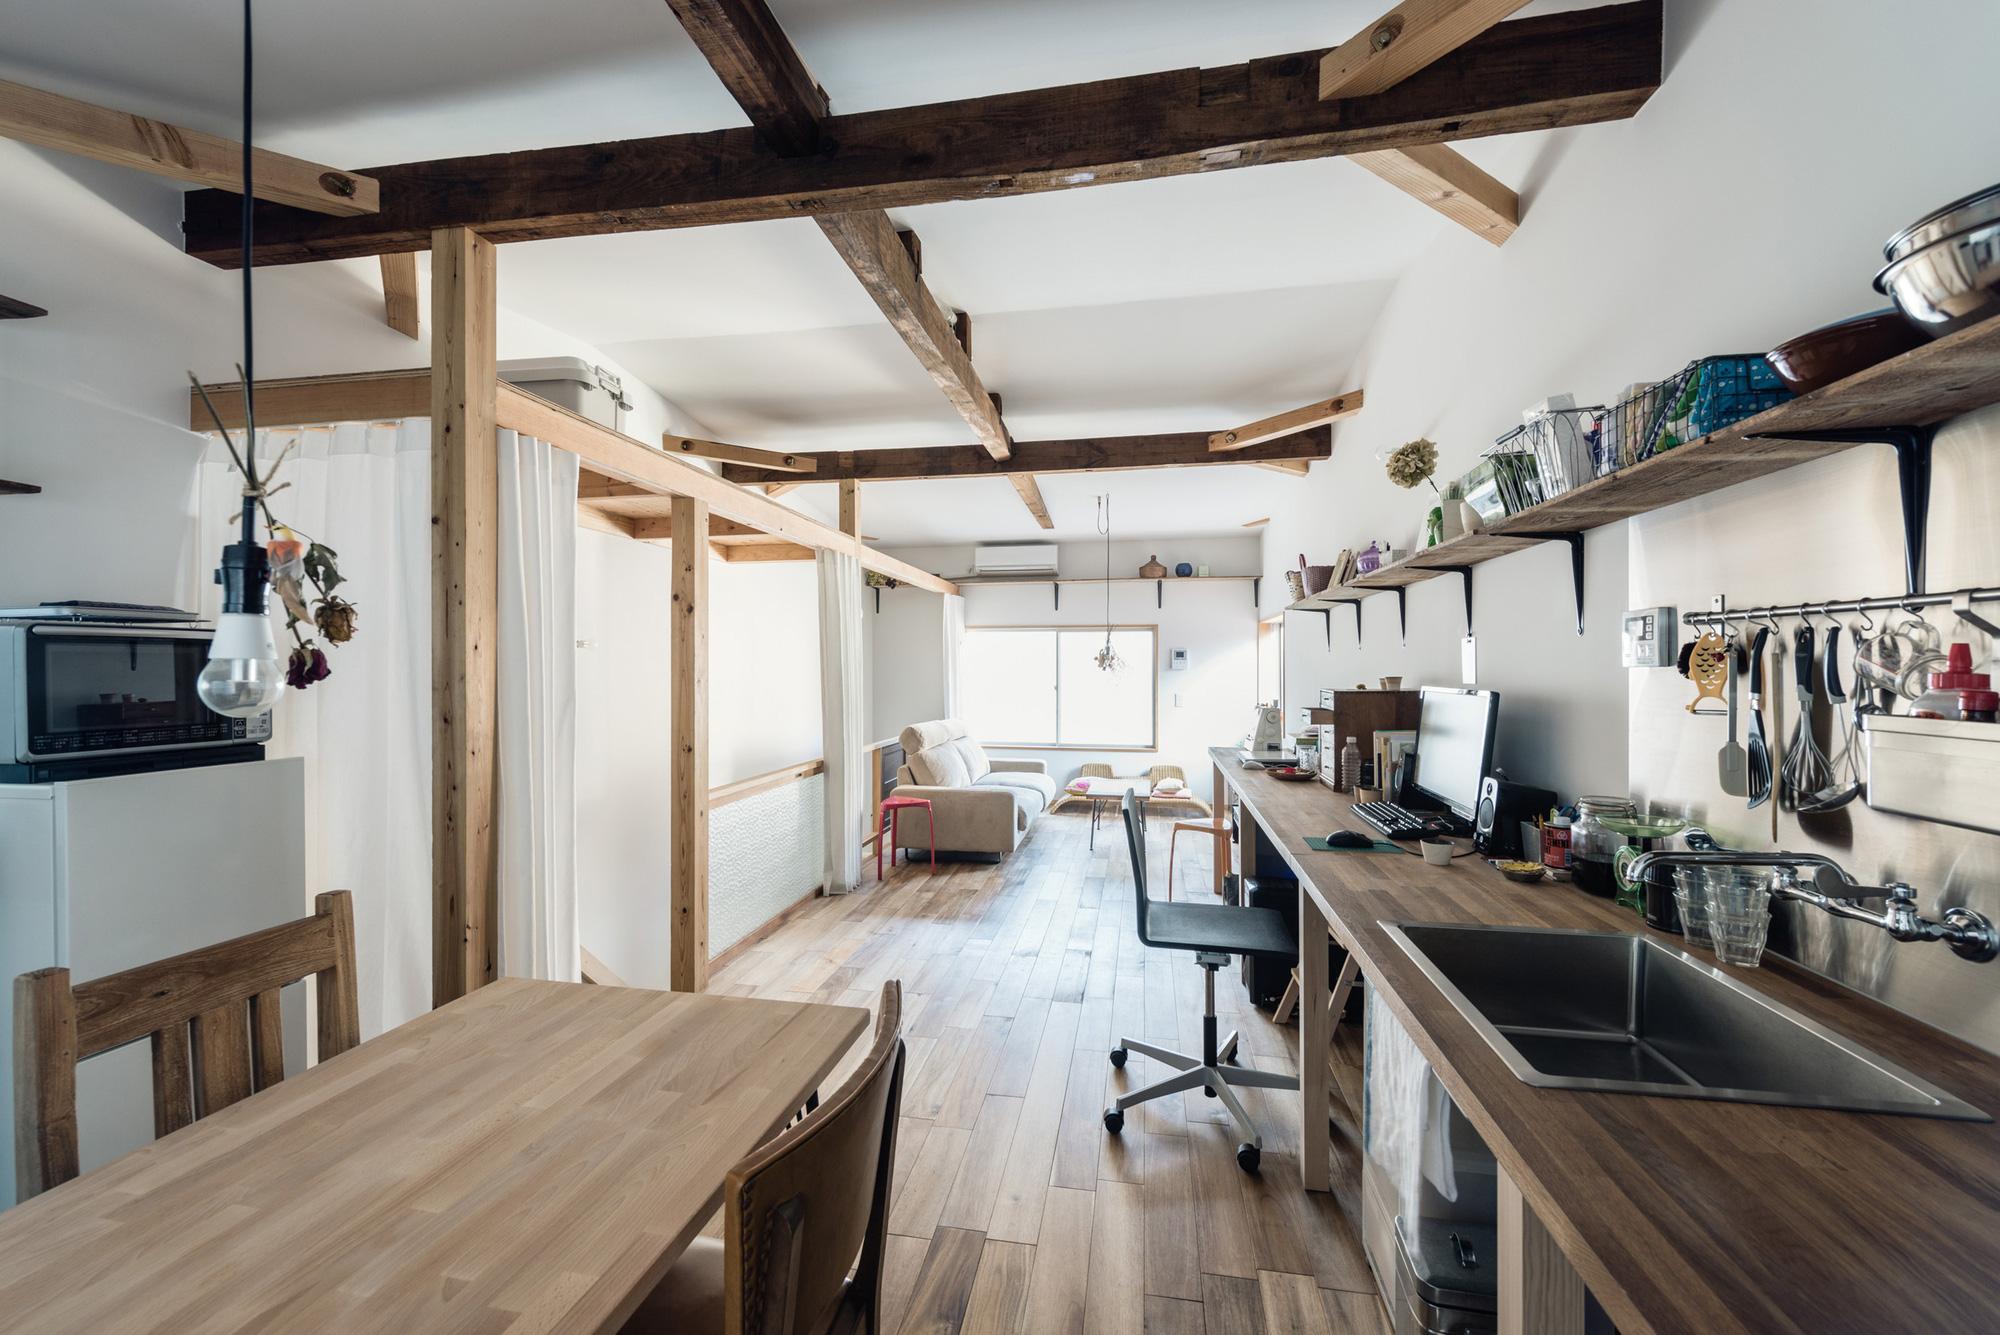 Re-Toyosaki / Coil Kazuteru Matumura Architects (10)